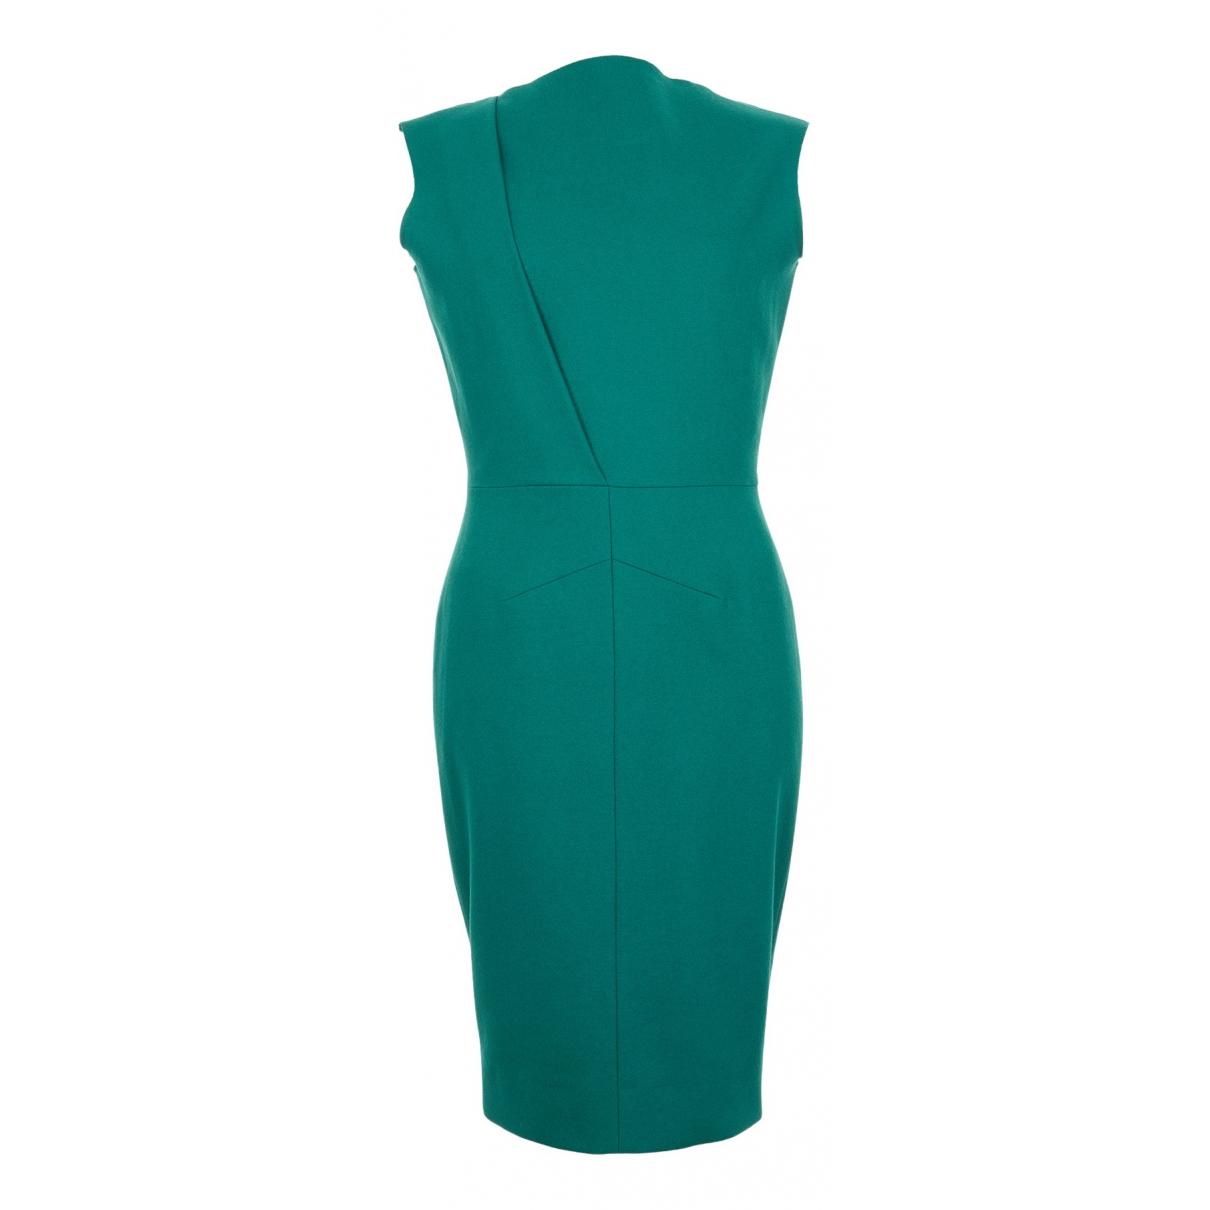 Victoria Beckham N Green Wool dress for Women 12 UK